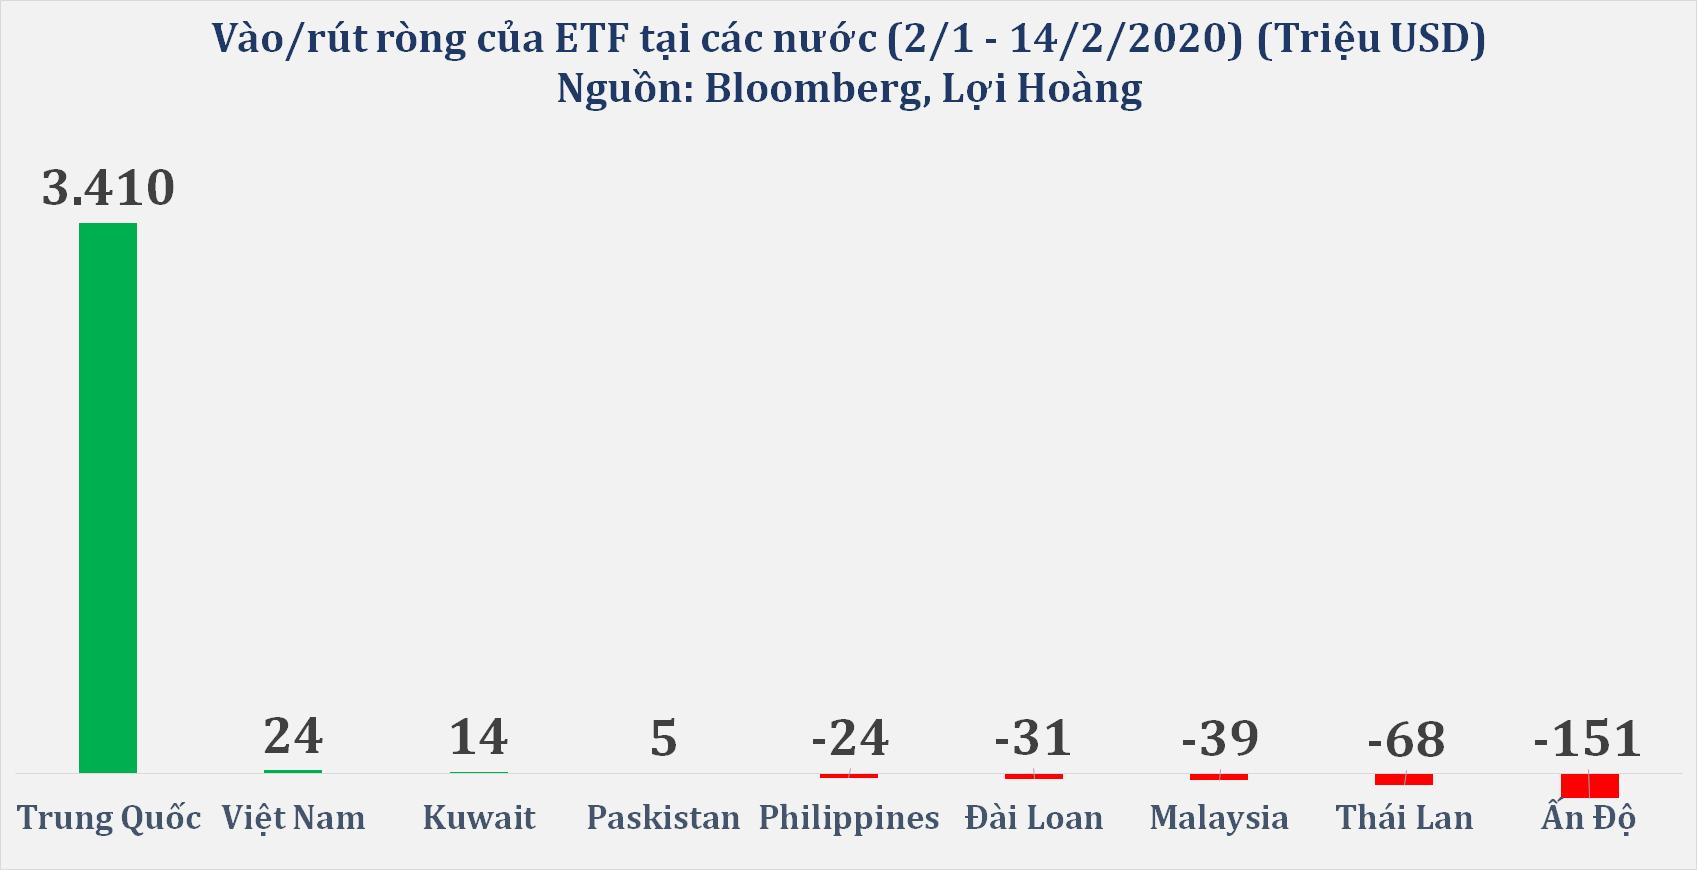 Giữa lo ngại dịch covid-19, Trung Quốc thu hút hàng tỉ USD từ ETF, Việt Nam hấp dẫn ETF hơn Thái Lan, Malaysia  - Ảnh 1.